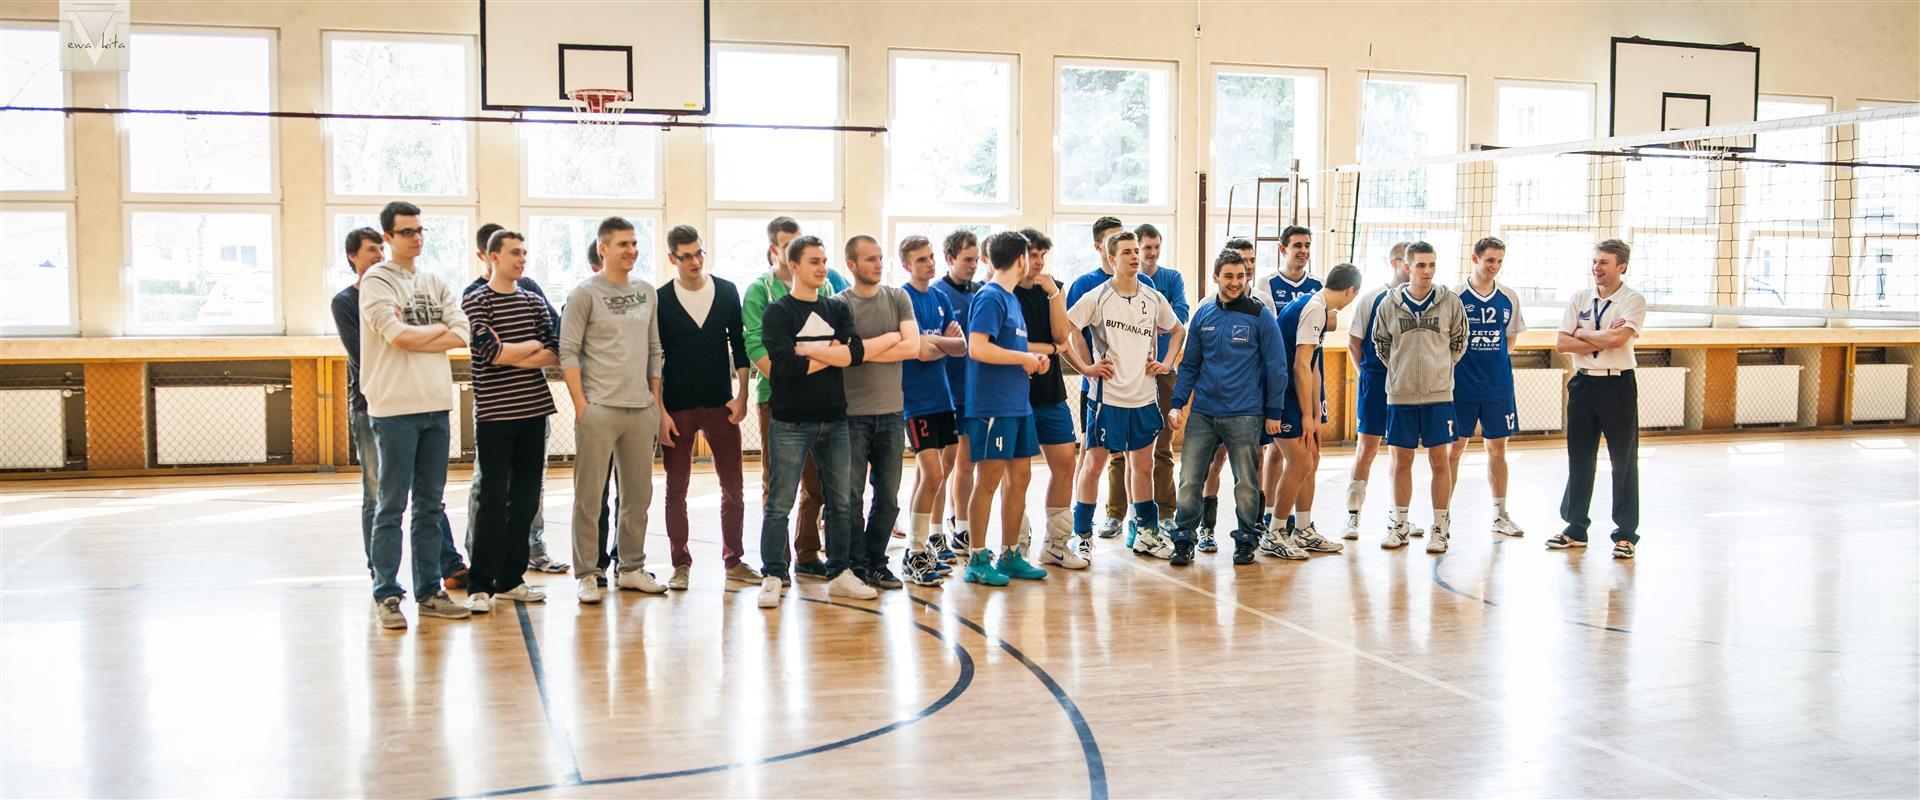 Rusz się człowieku turnij siatkówki amatorskiej 26